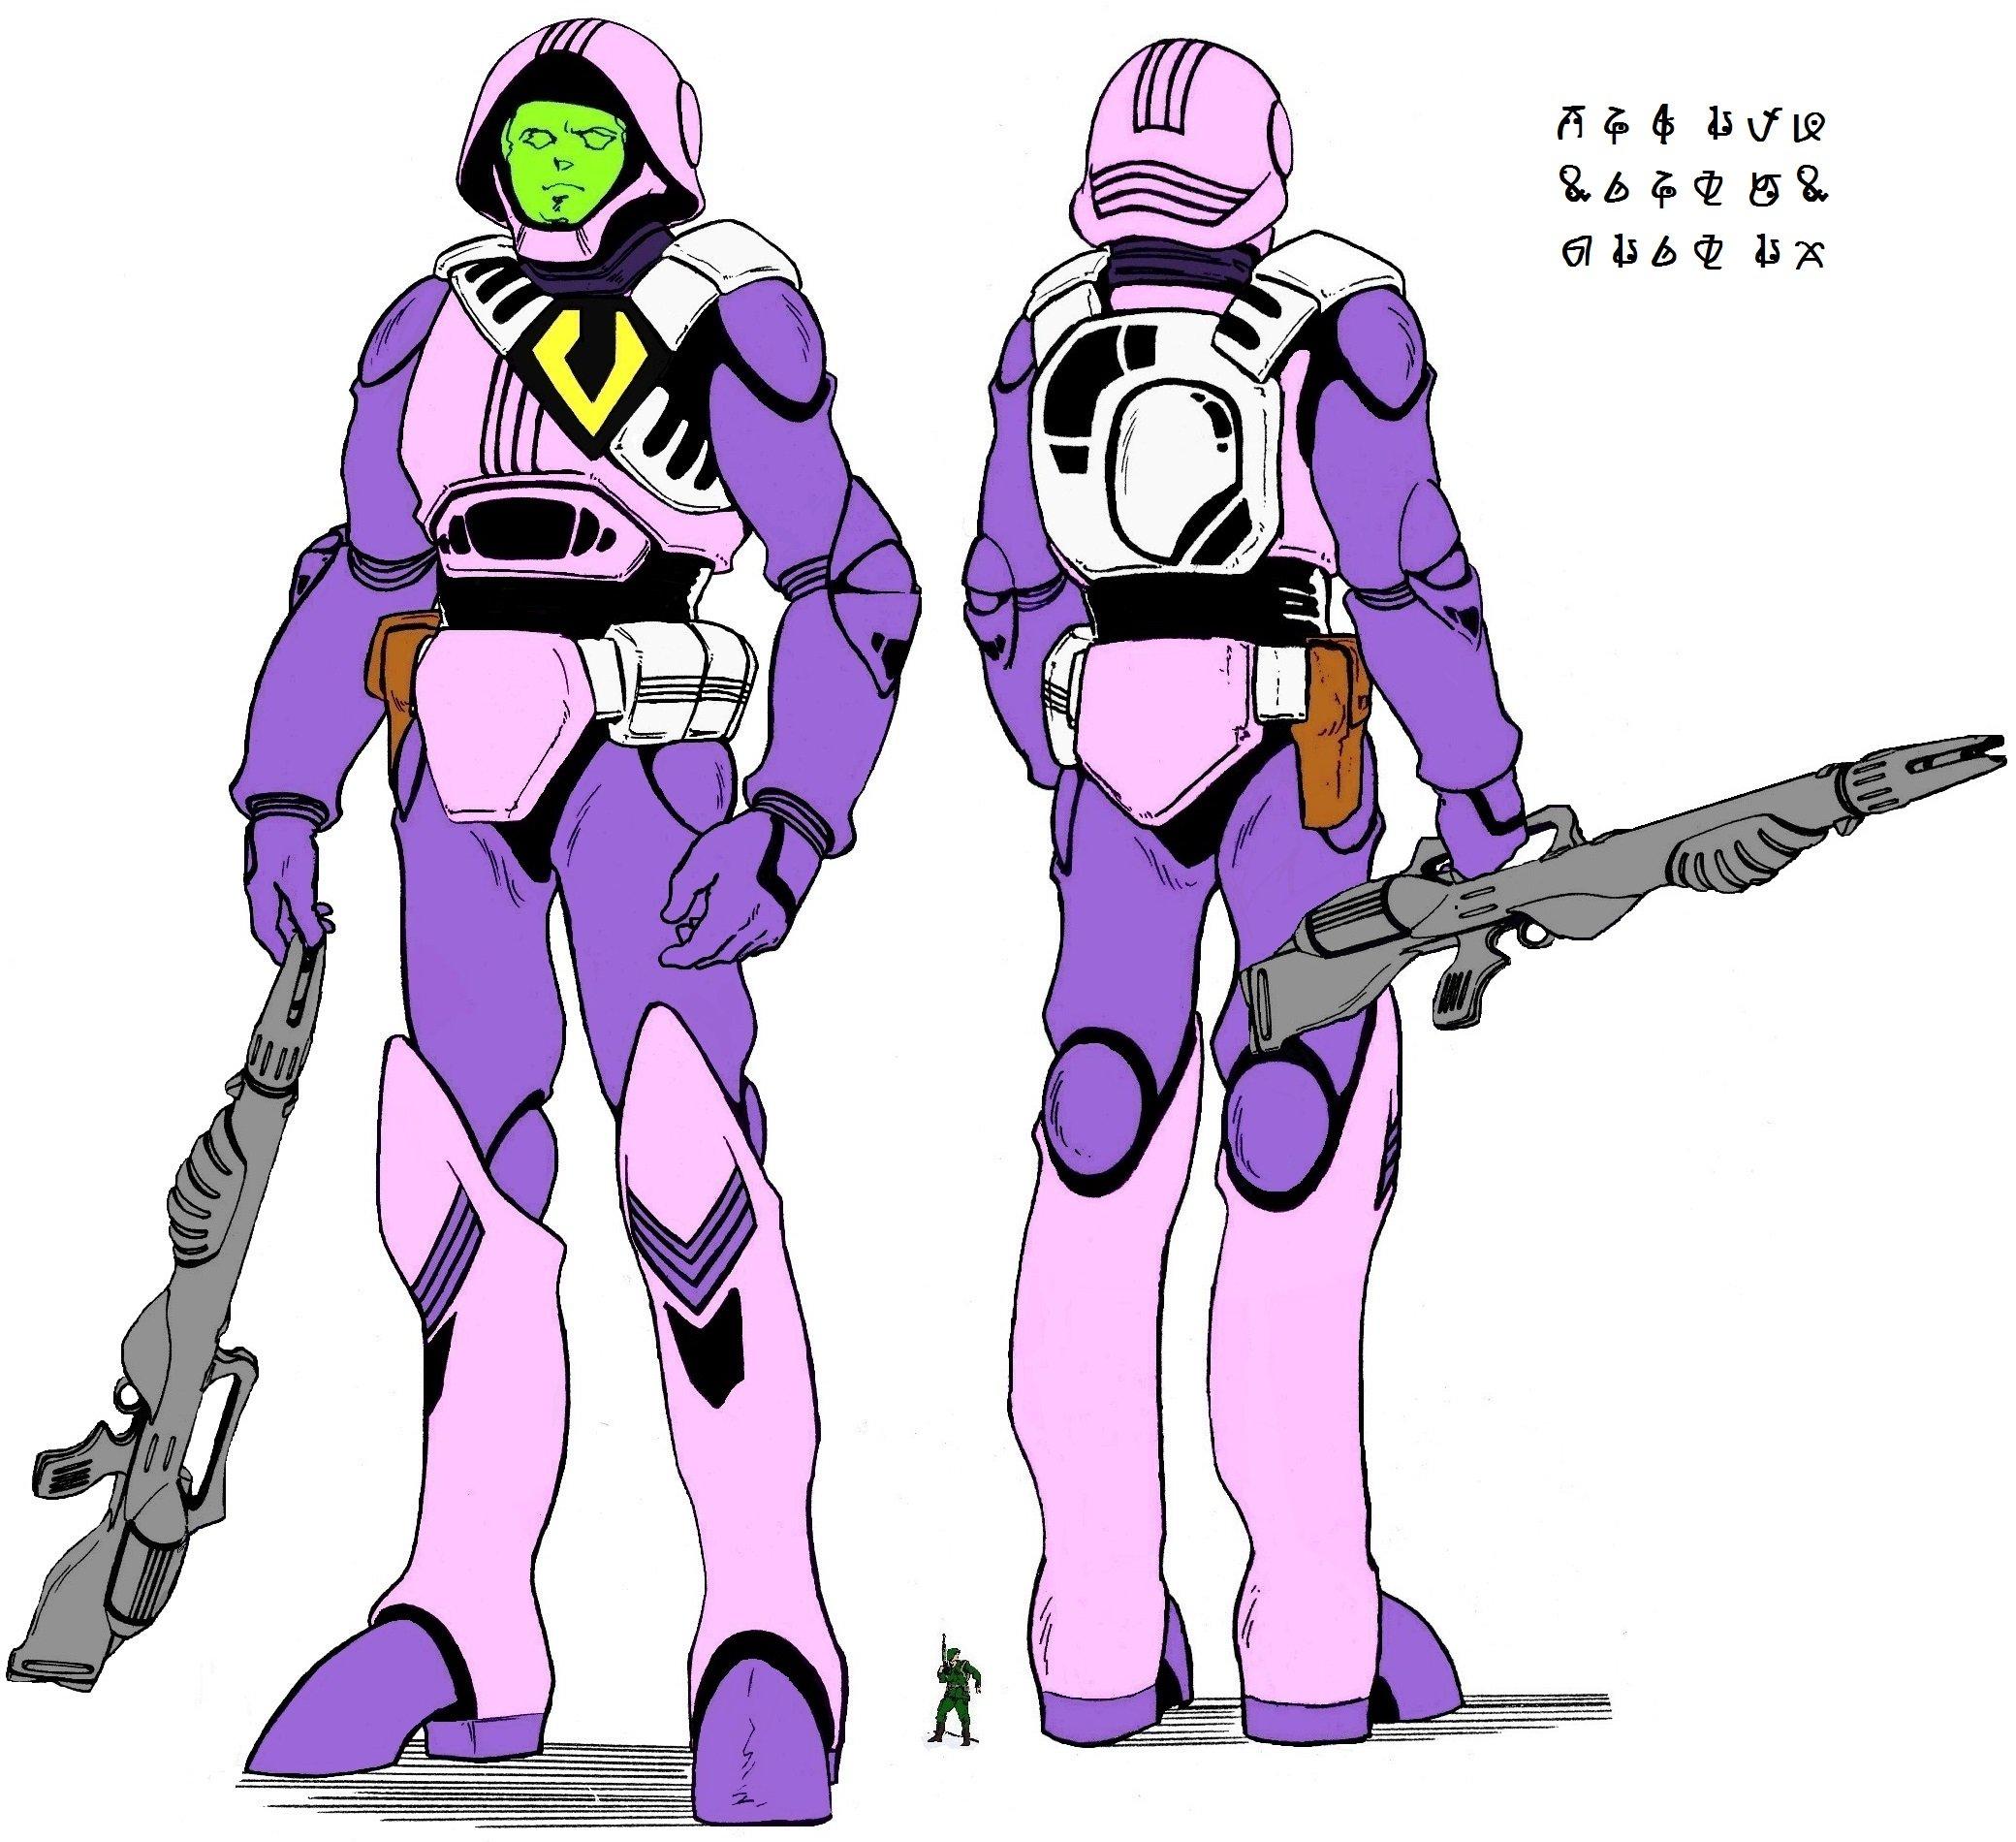 Koruyucu-Isık-Mediuetms-Body-Armor-Type-B-8.jpg